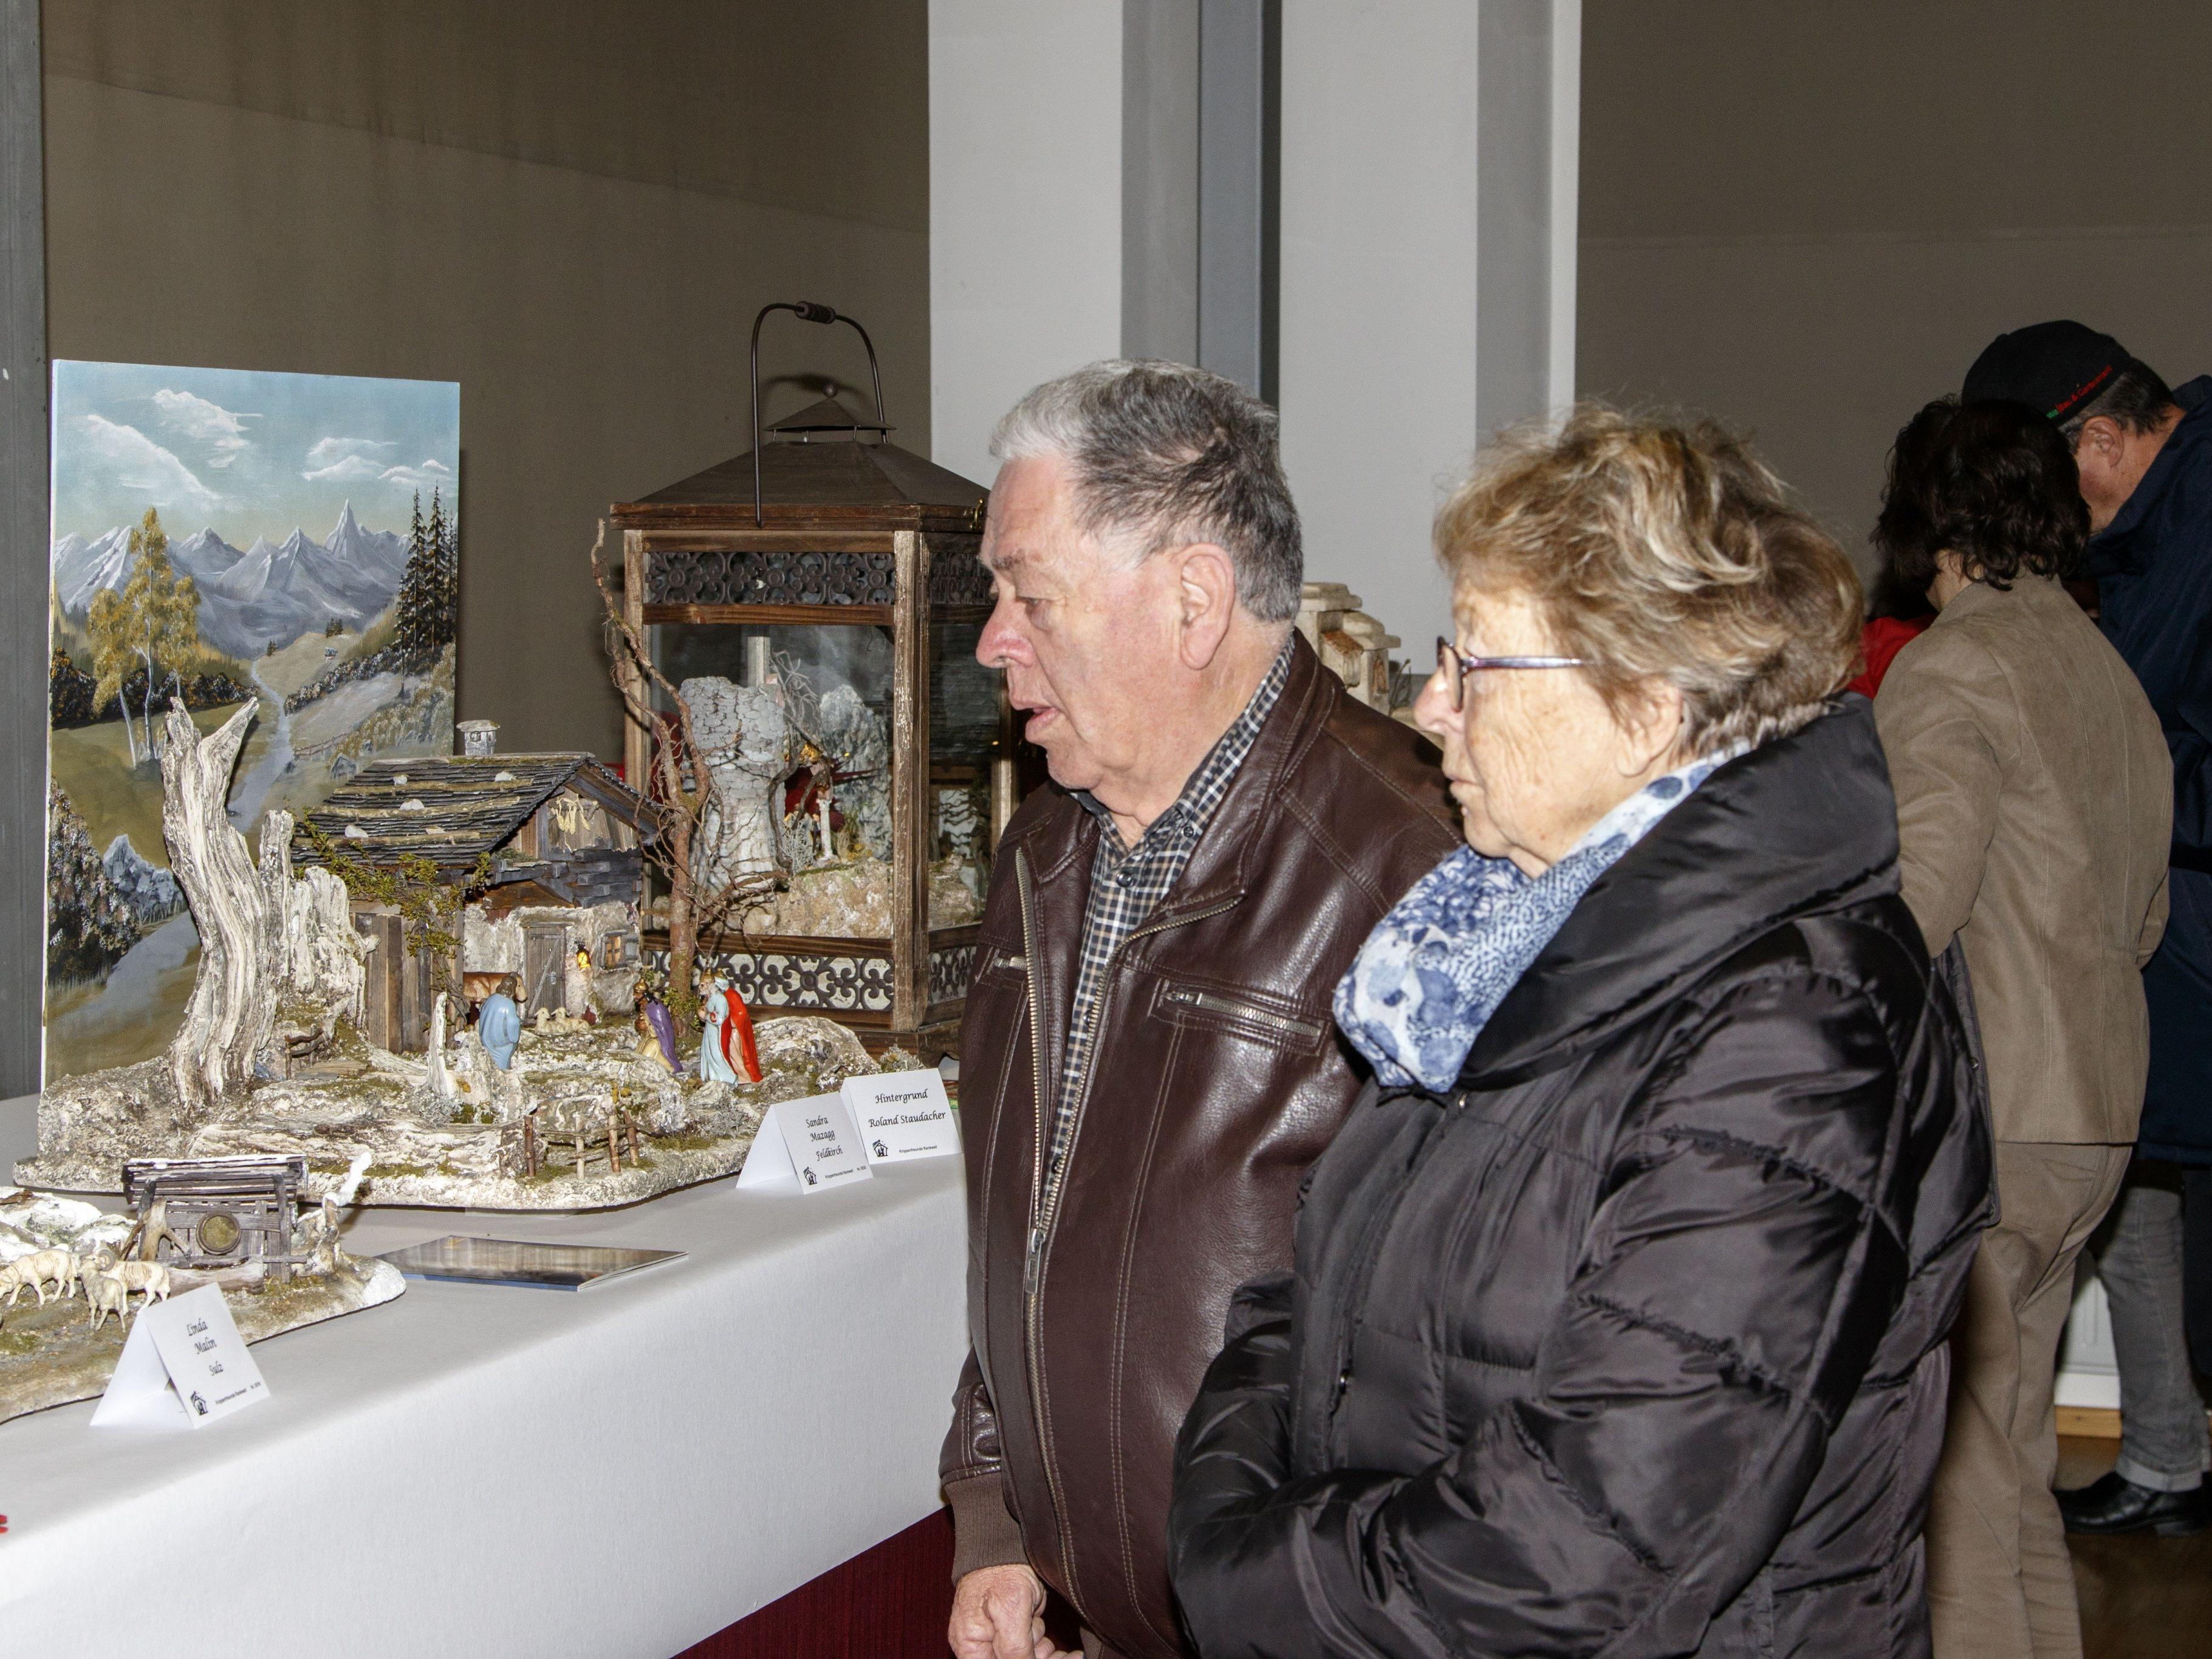 Viele begeisterte Beuscher bei der Krippenausstellung in Rankweil.